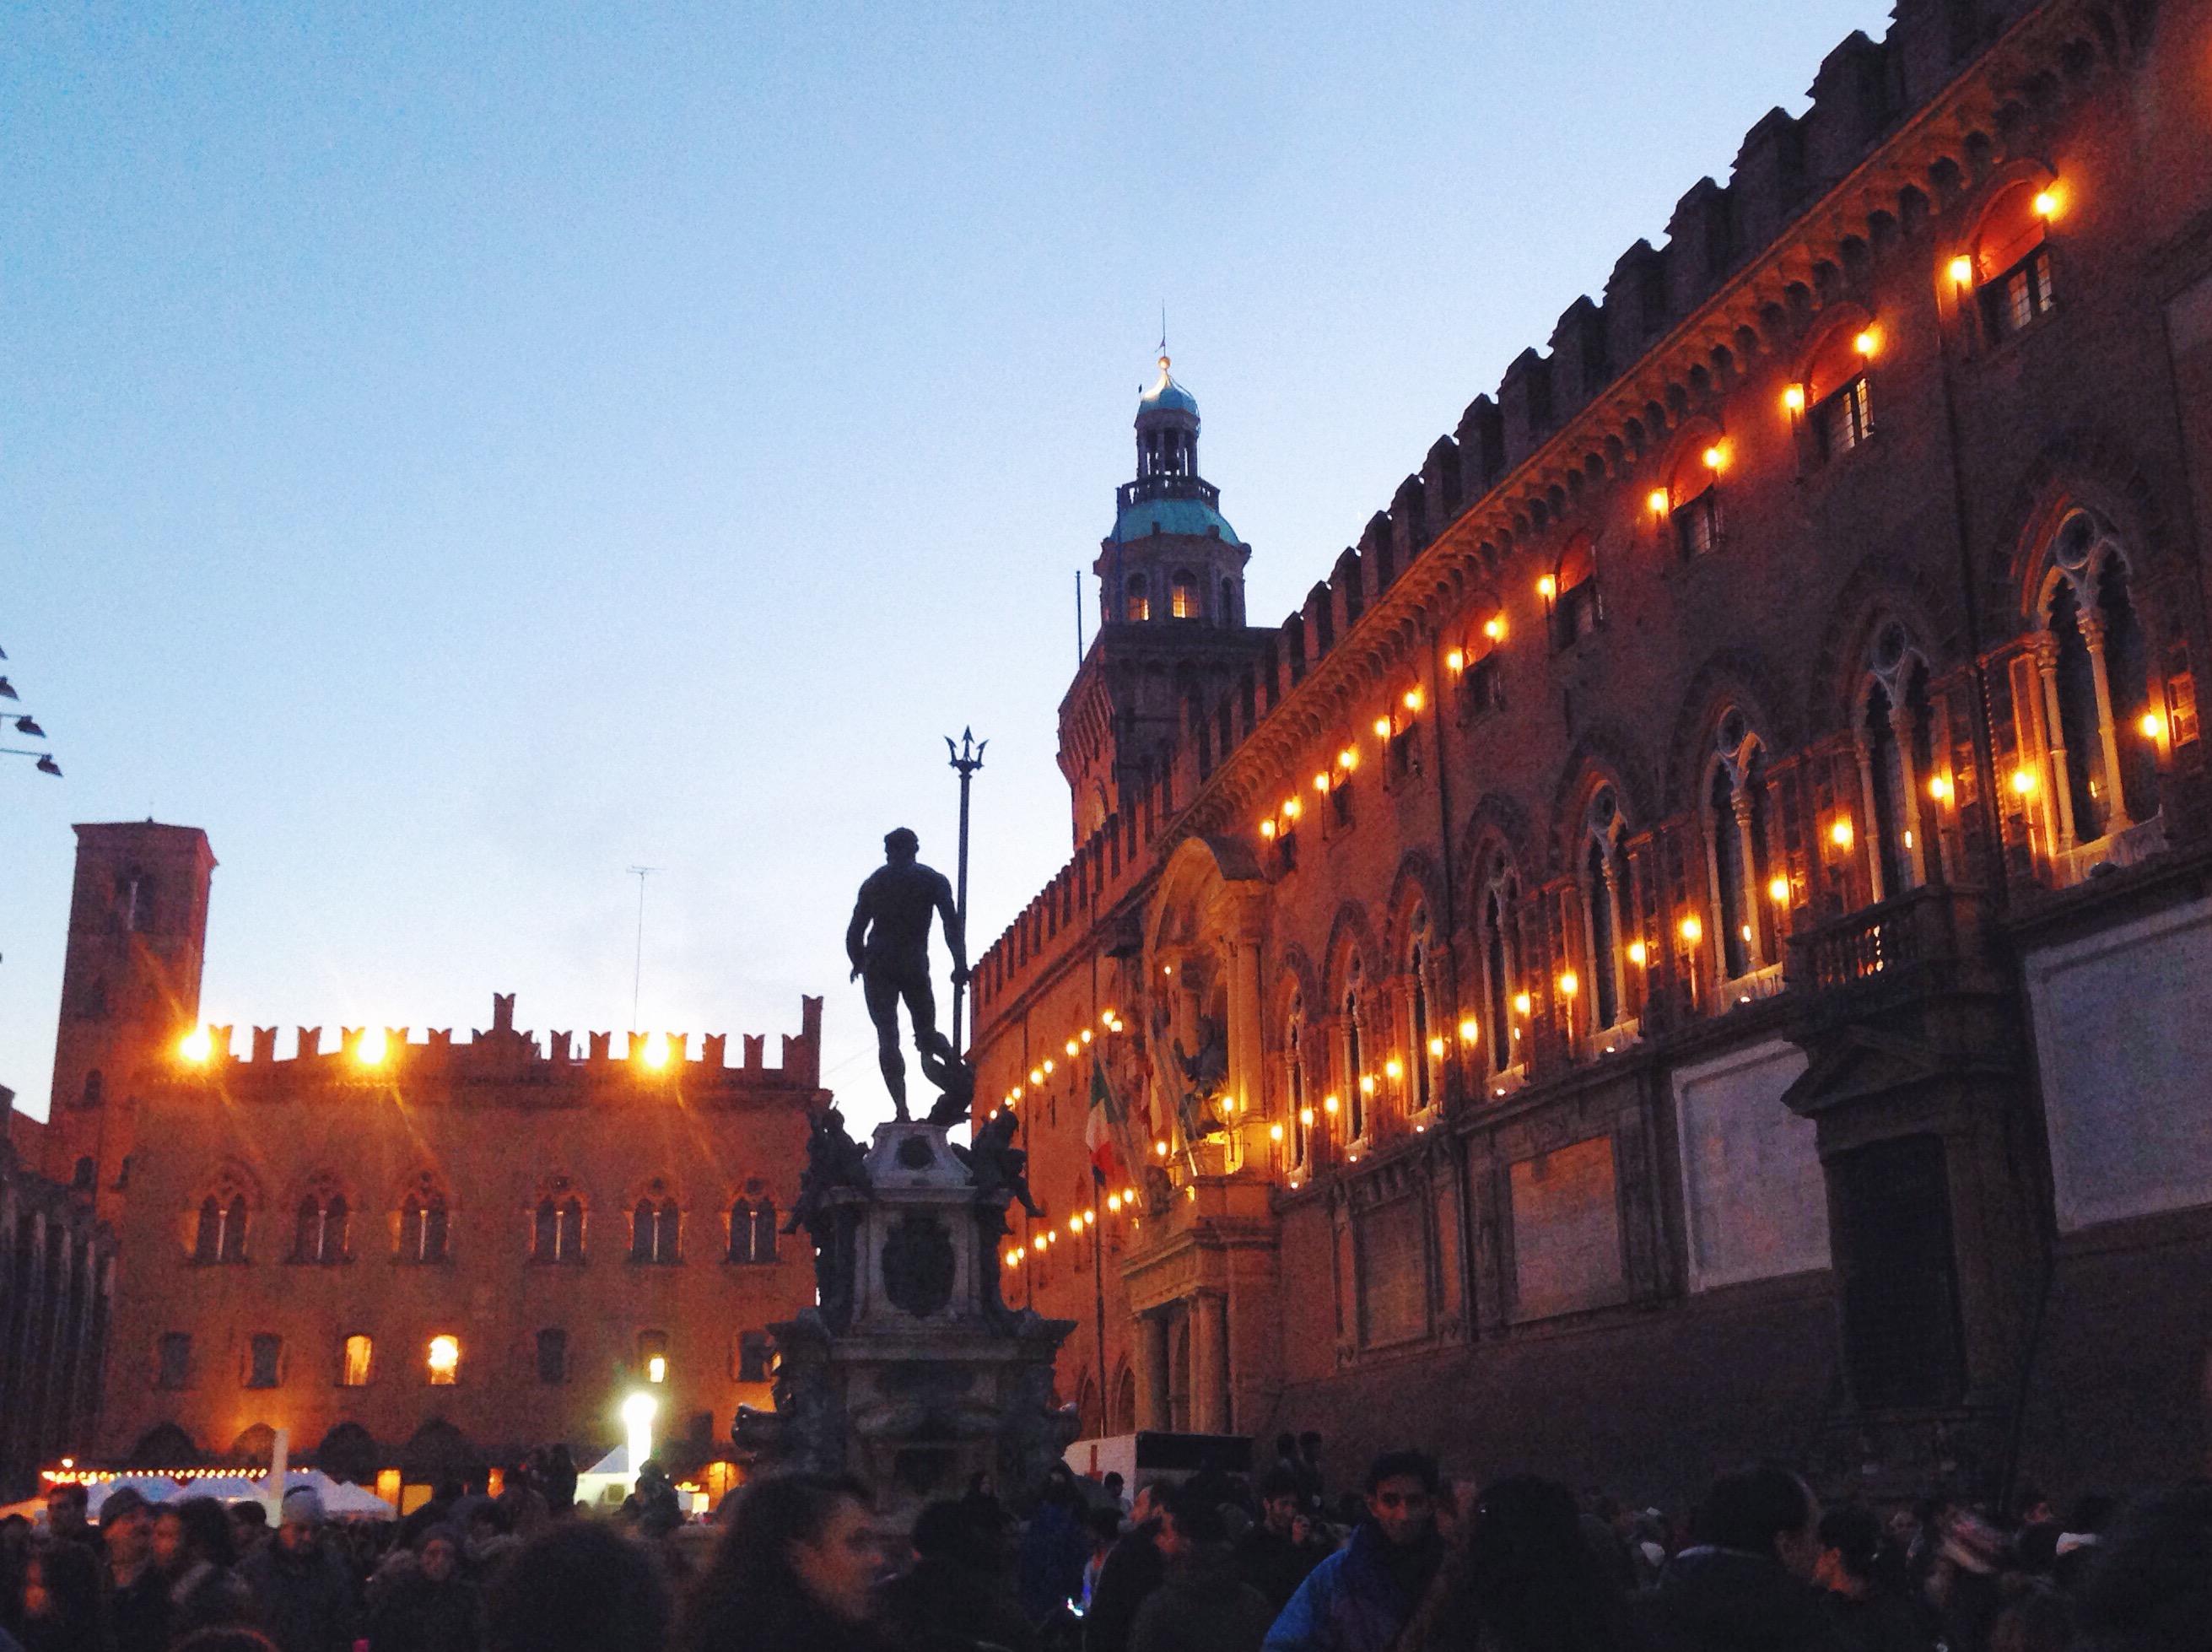 Il mio posto preferito di Bologna, che con questa luce diventa magico